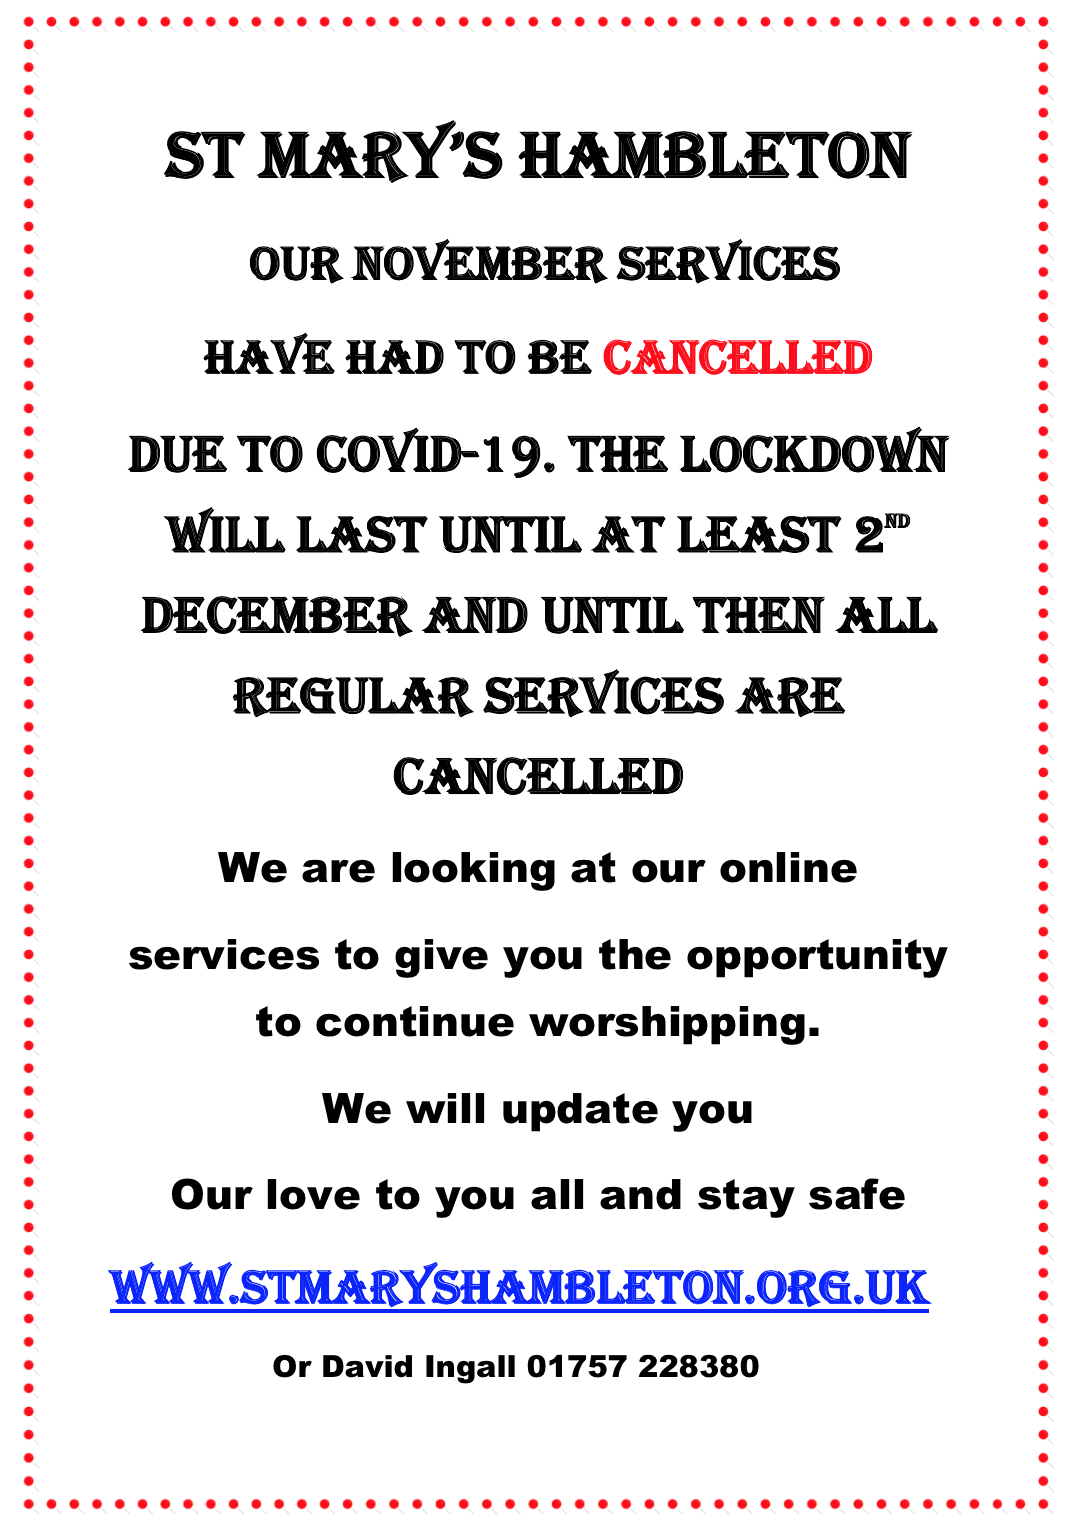 Lockdown Nov 2020